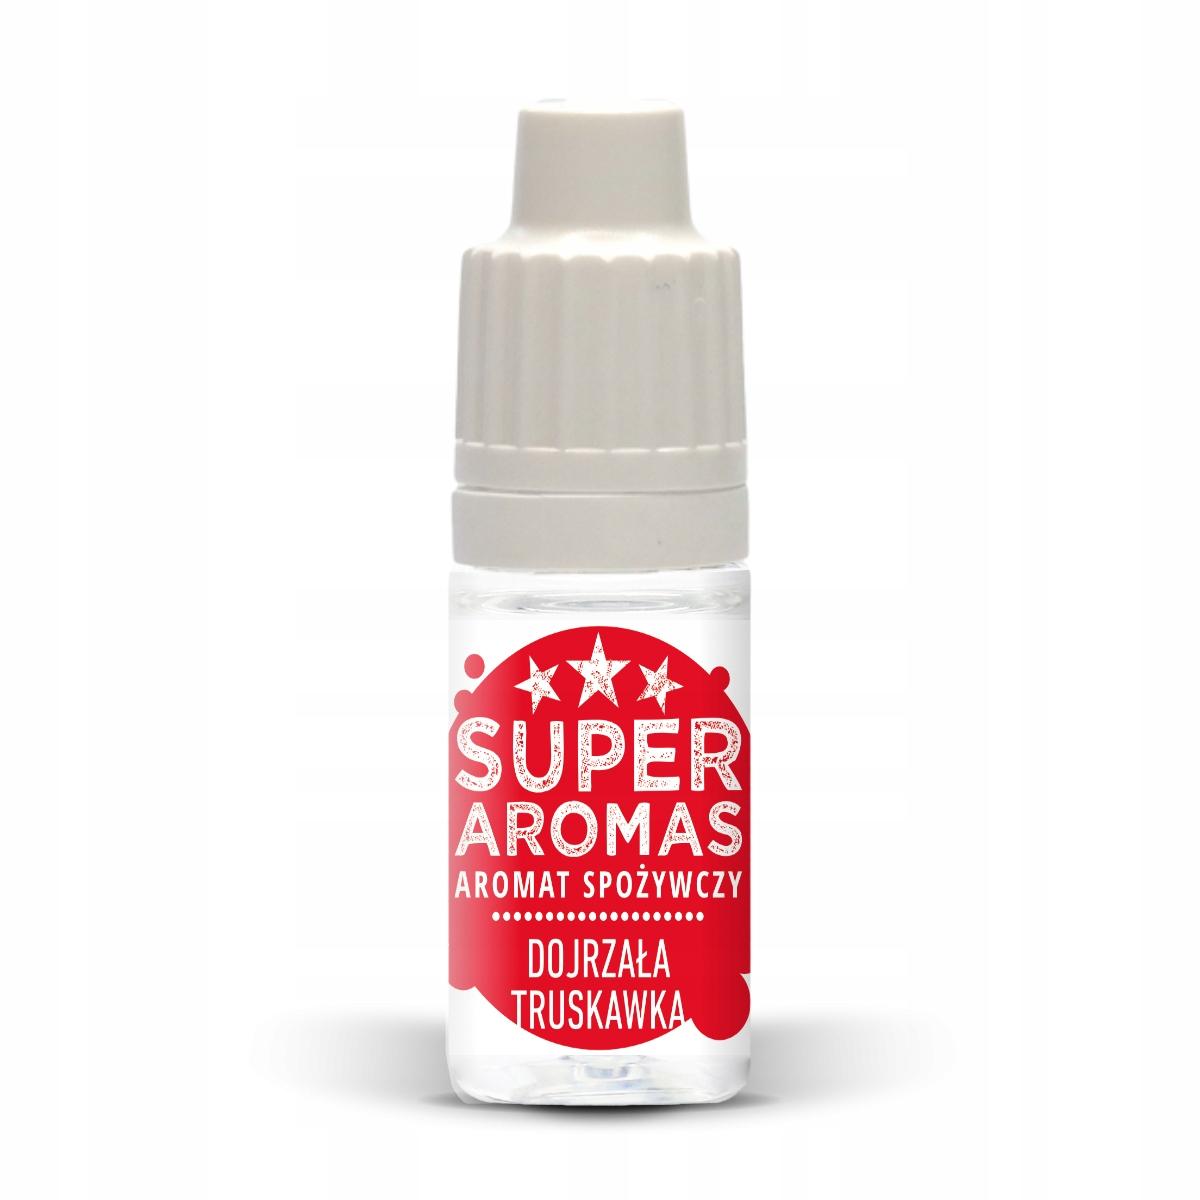 SUPER AROMAS аромат спелой клубники 10 мл